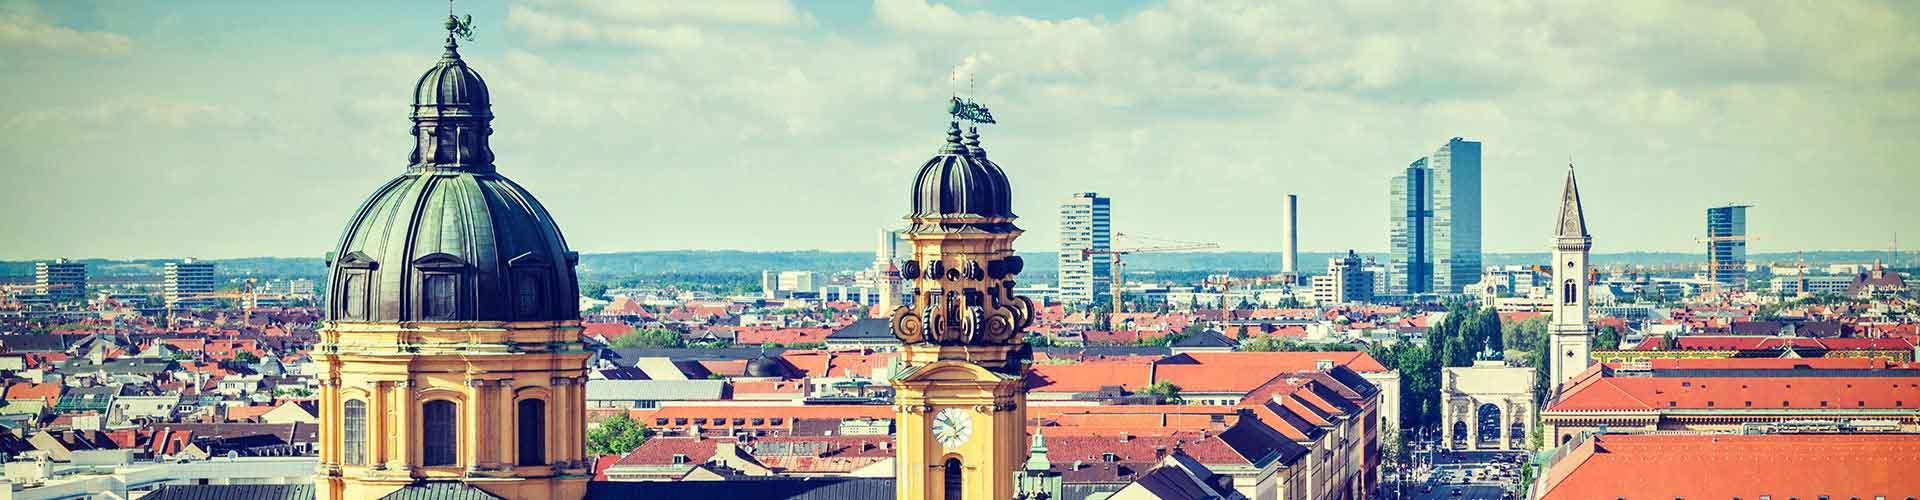 Munique – Hostels em Munique. Mapas para Munique, Fotos e Avaliações para cada Hostels em Munique.